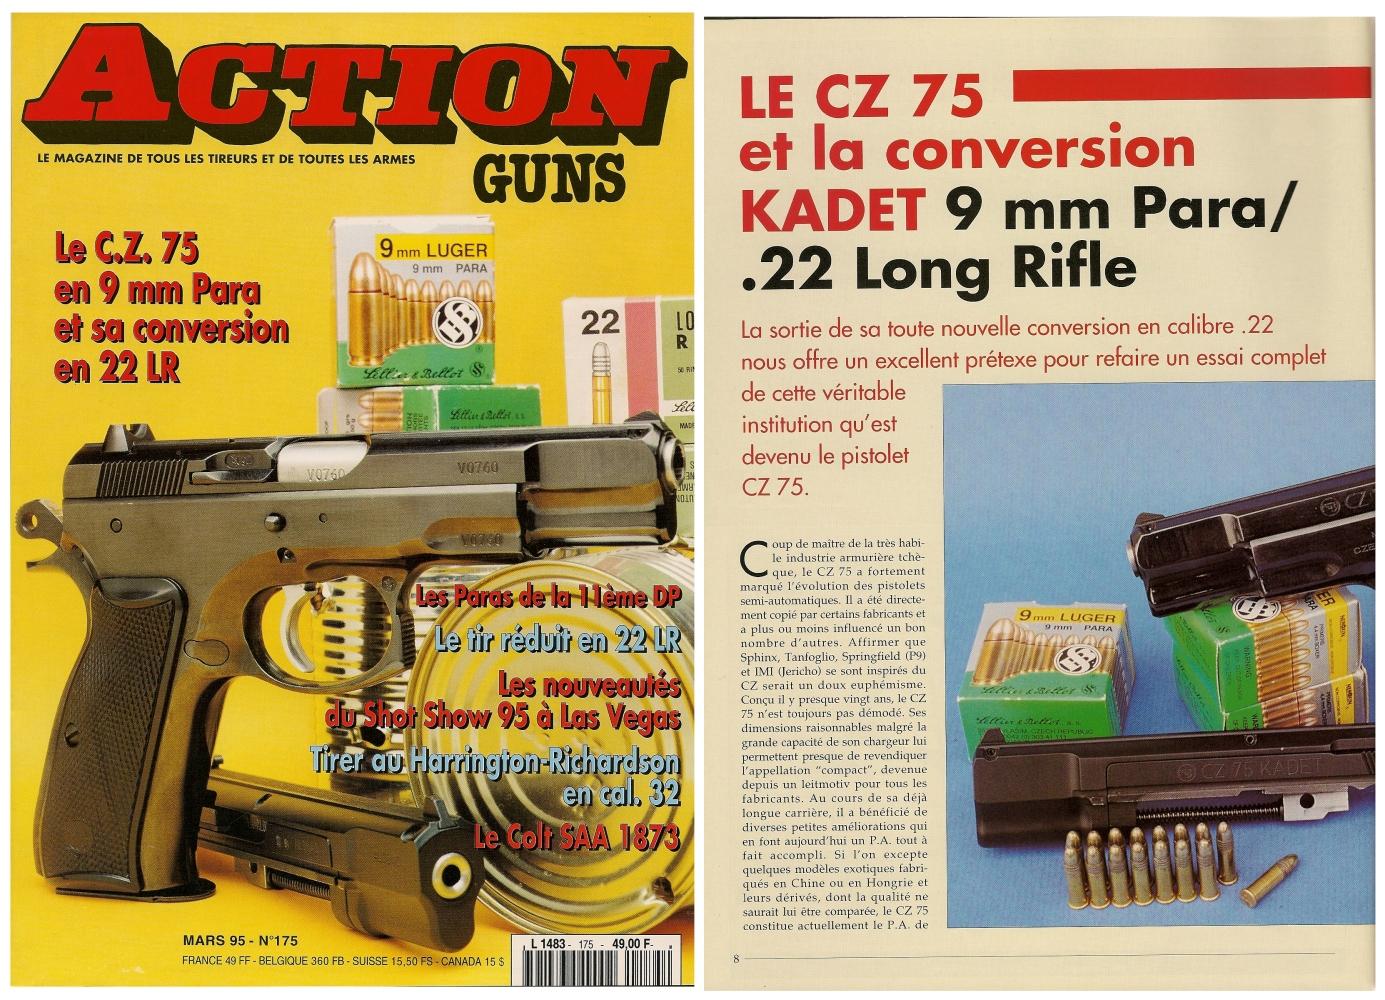 Le banc d'essai du pistolet CZ 75 en calibre 9 Para et de sa conversion Kadet en calibre .22 Long Rifle avait été publié sur 5 pages dans le magazine Action Guns n° 175 (mars 1995).